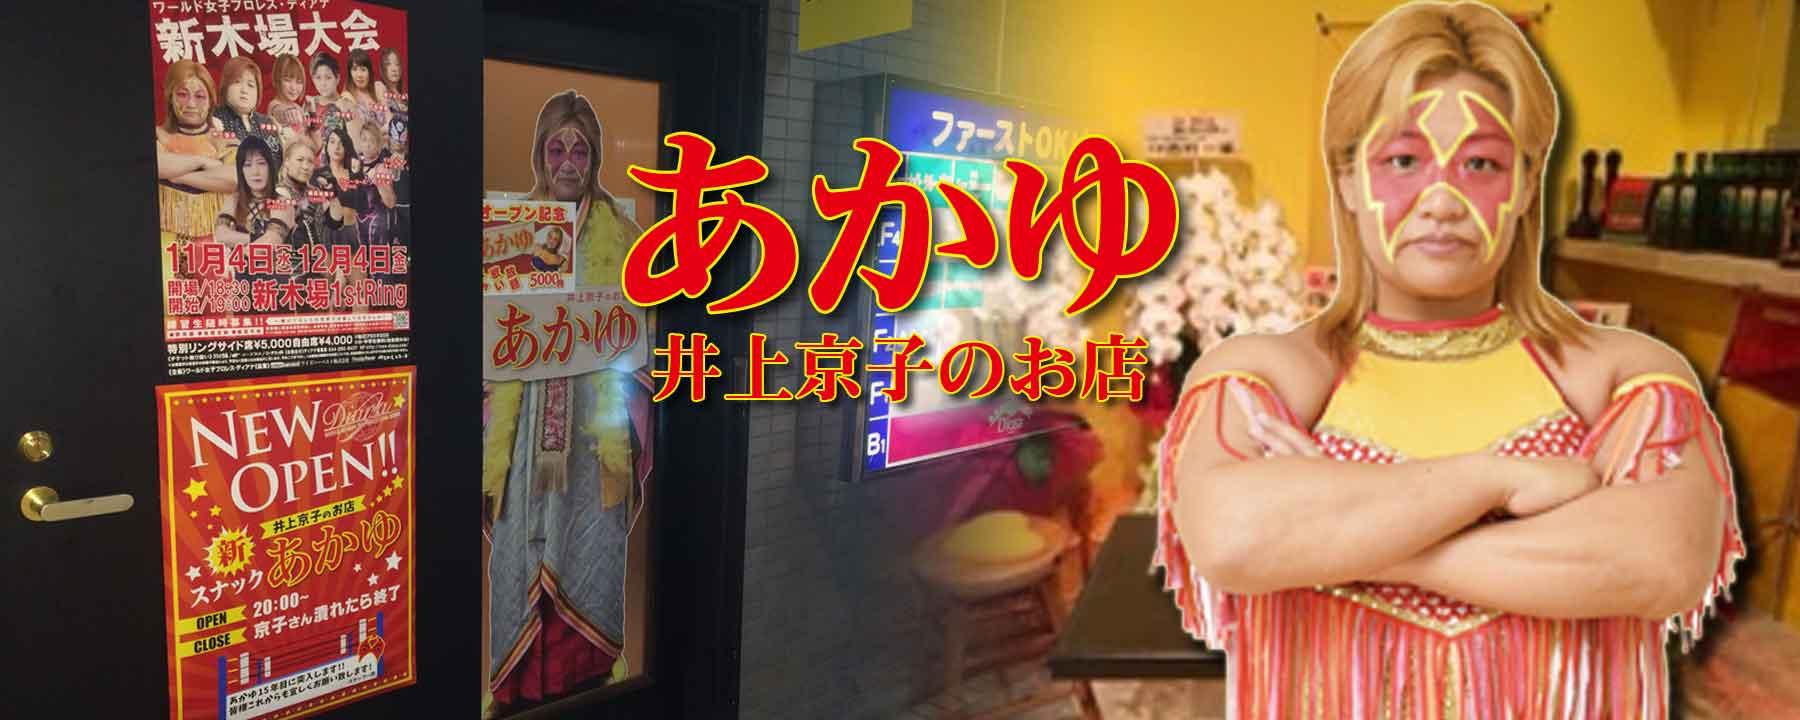 女子プロレスラー井上京子のお店「あかゆ」